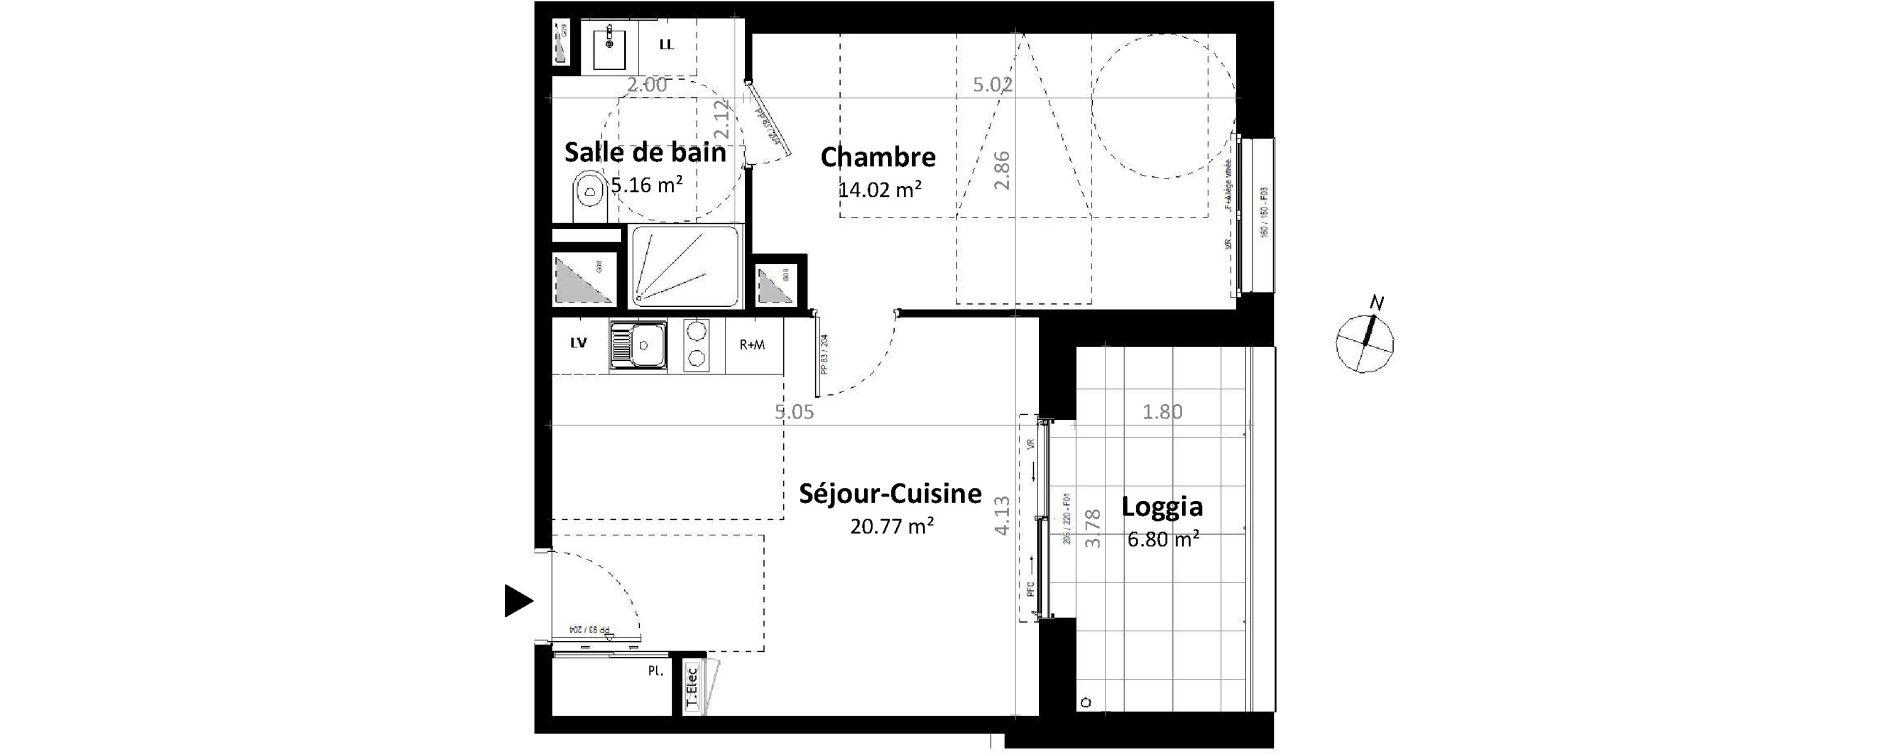 Appartement T2 de 39,95 m2 à Gévezé Centre